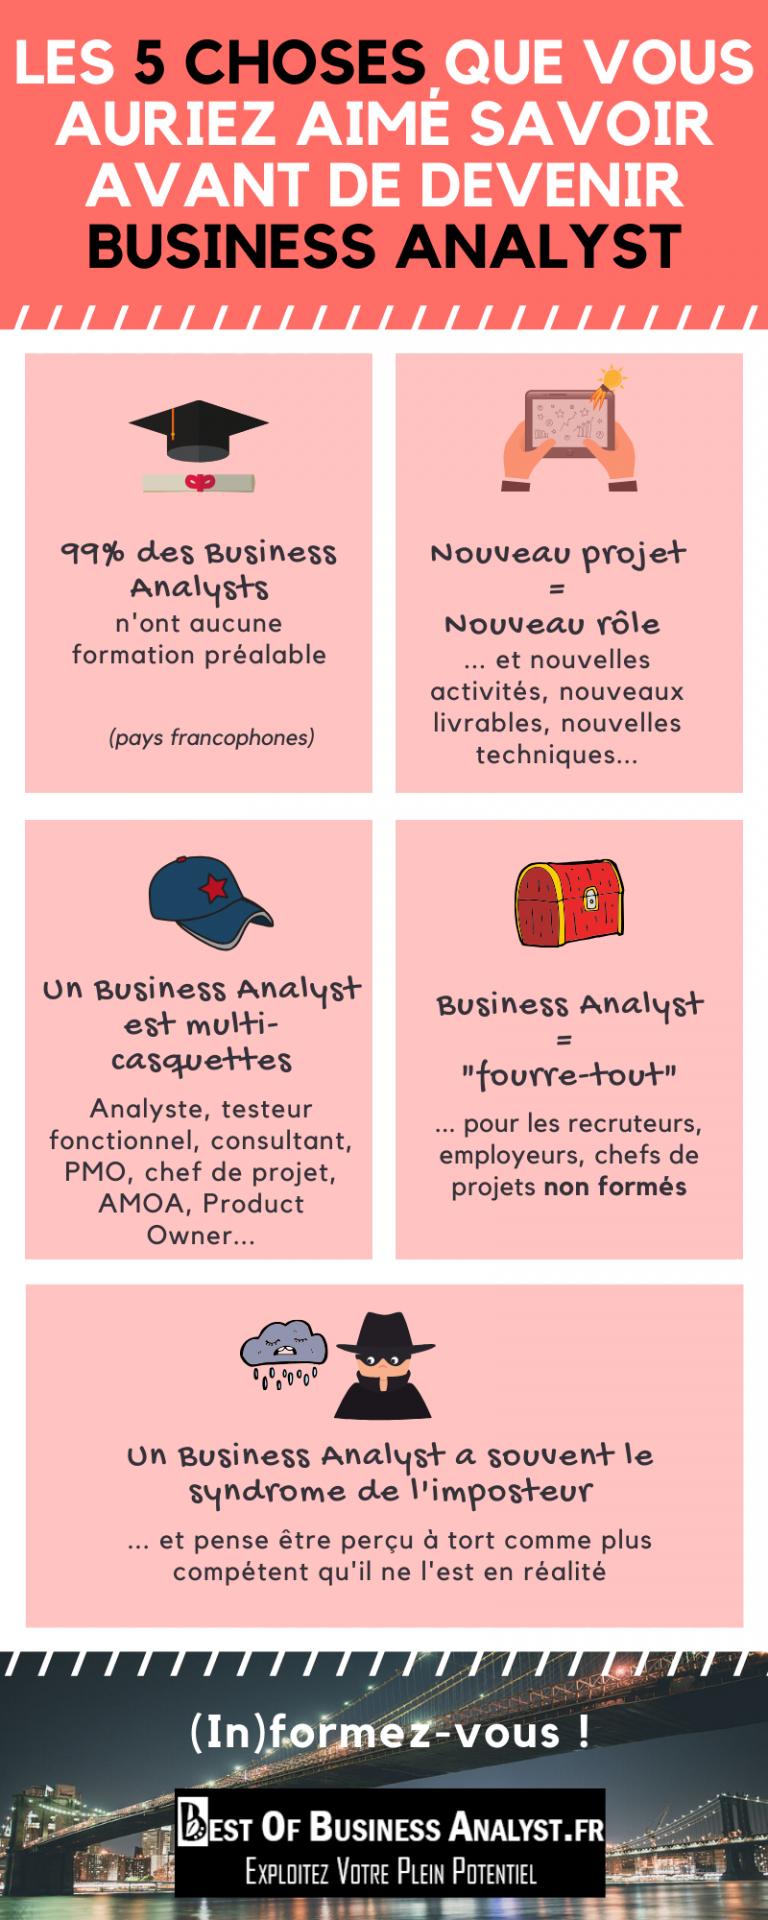 Les 5 choses que vous auriez aimé savoir avant d'être Business Analyst